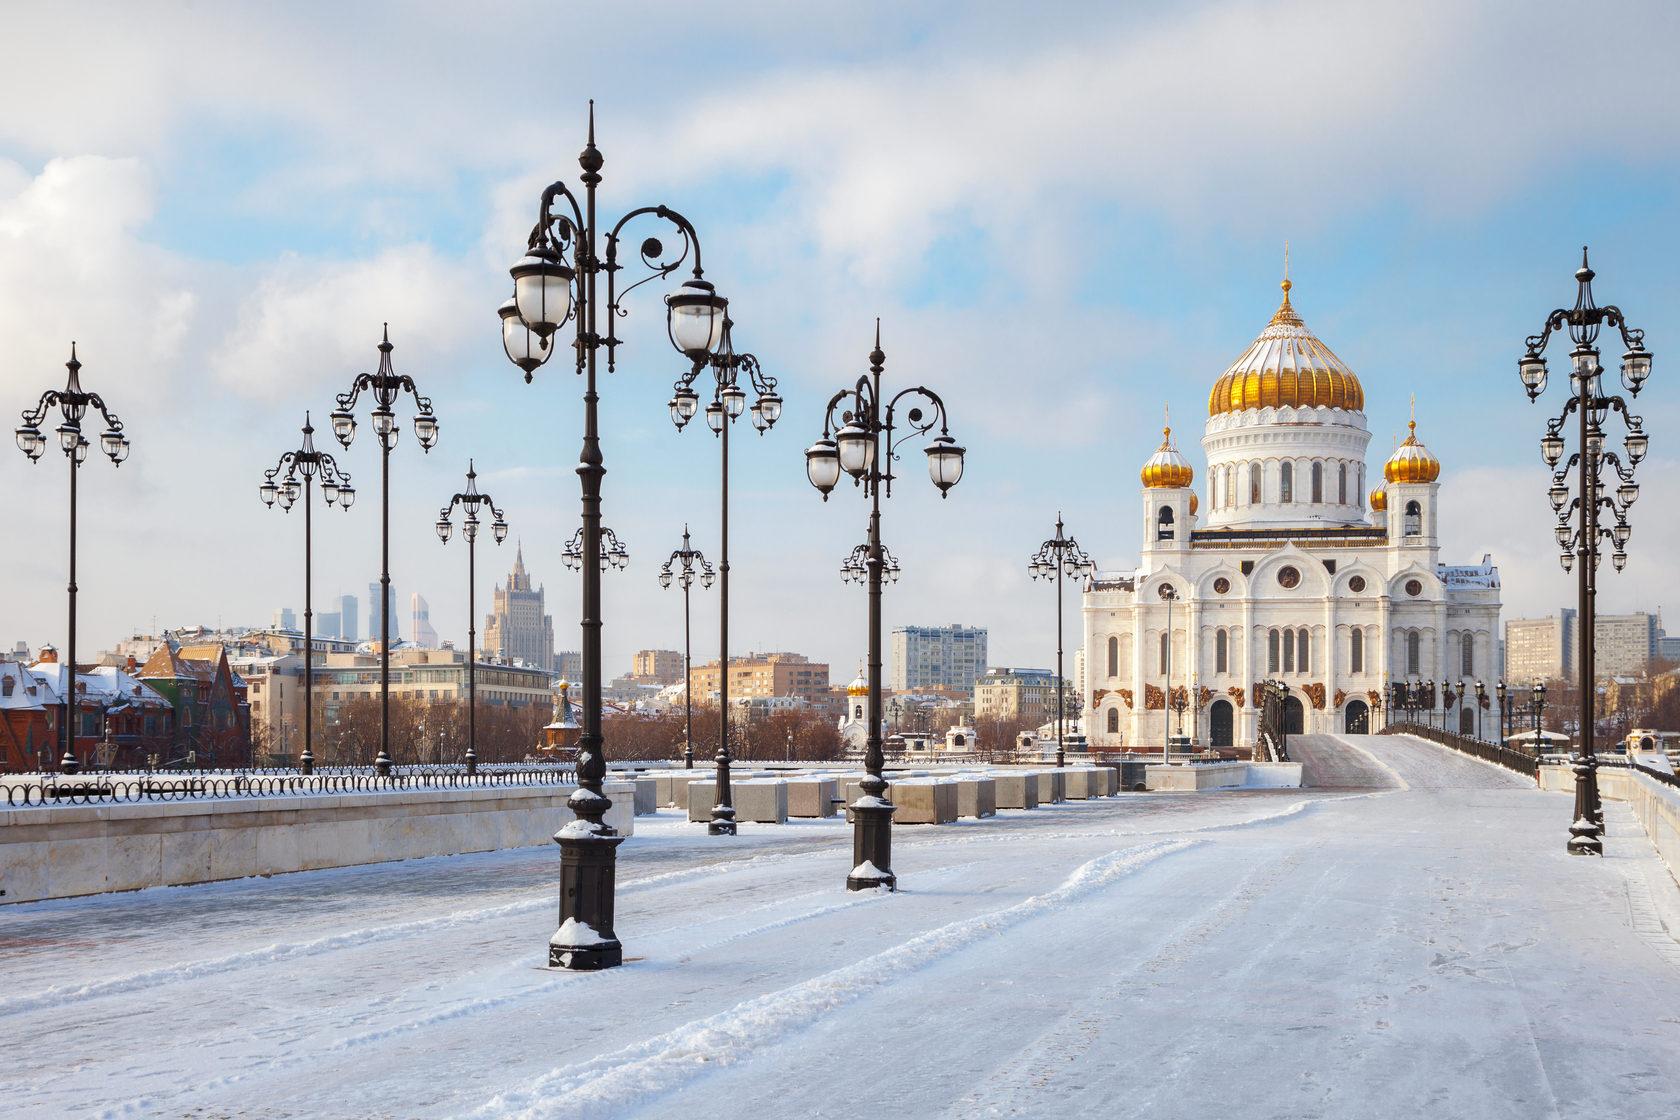 Картинки москва зимой 2018, годовщиной свадьбы года